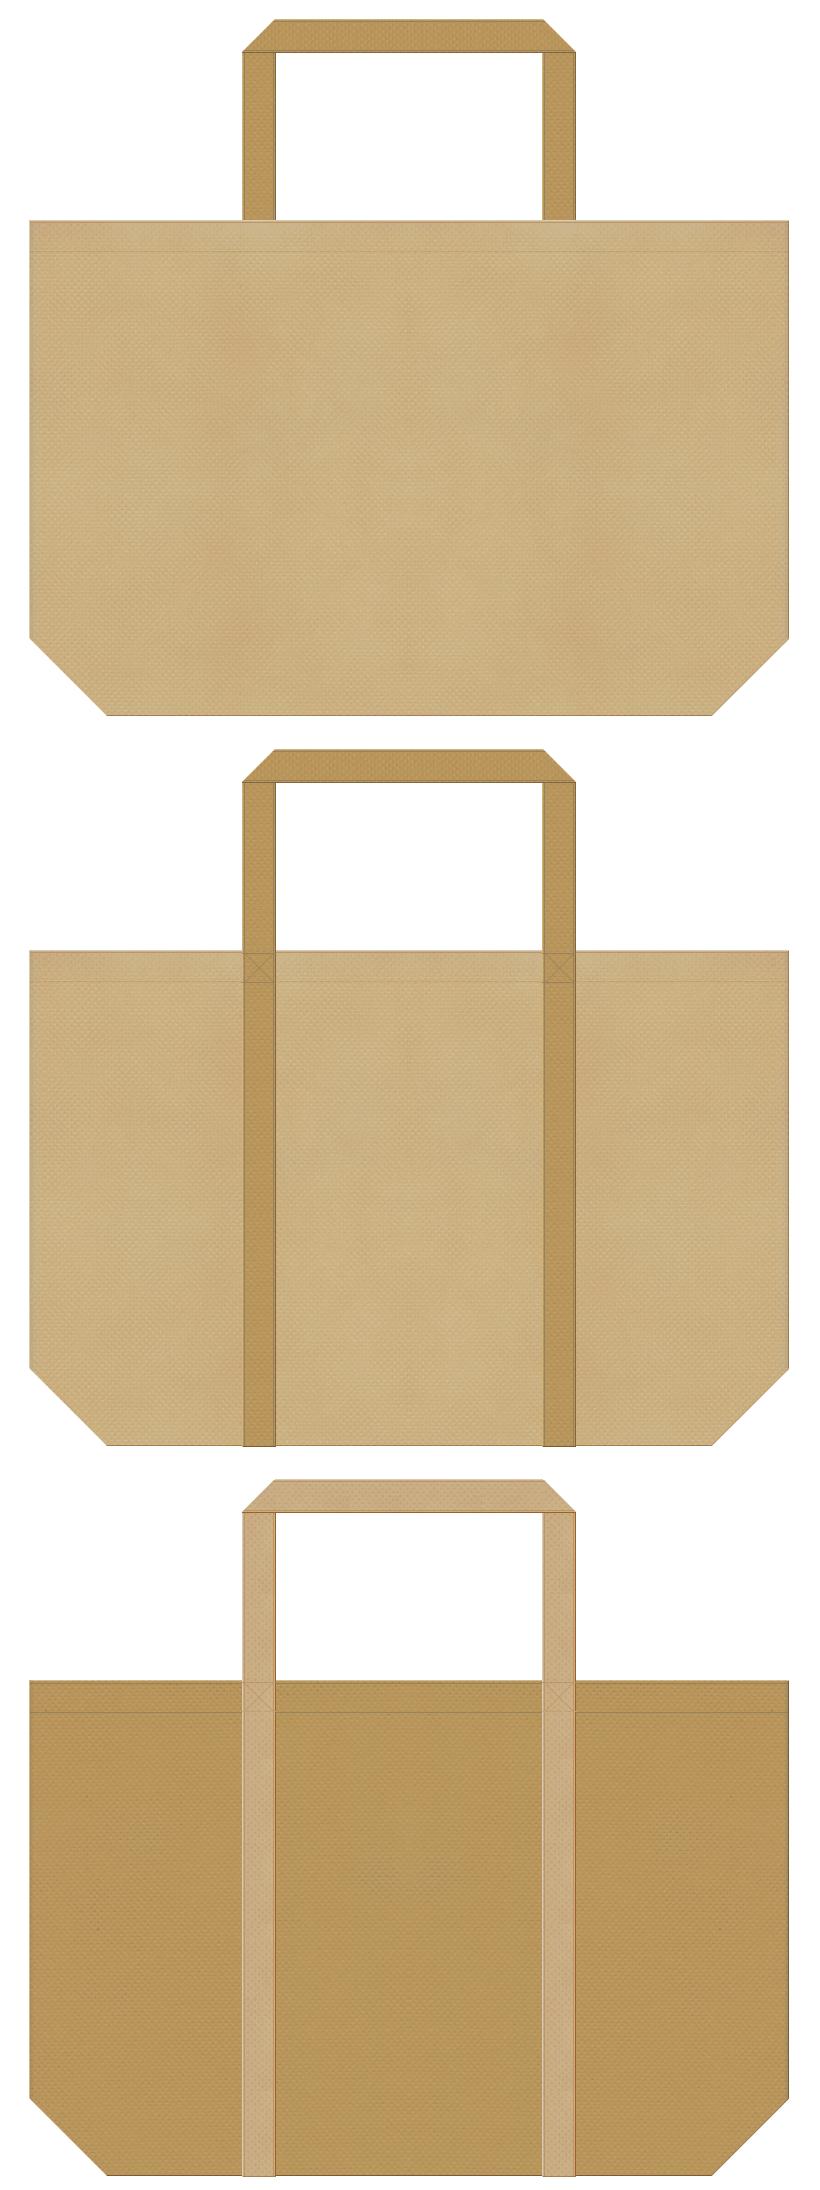 秋冬・セーター・手芸・毛糸・日曜大工・木工・工作教室・DIYのショッピングバッグお奨めの不織布バッグデザイン:カーキ色と金黄土色のコーデ